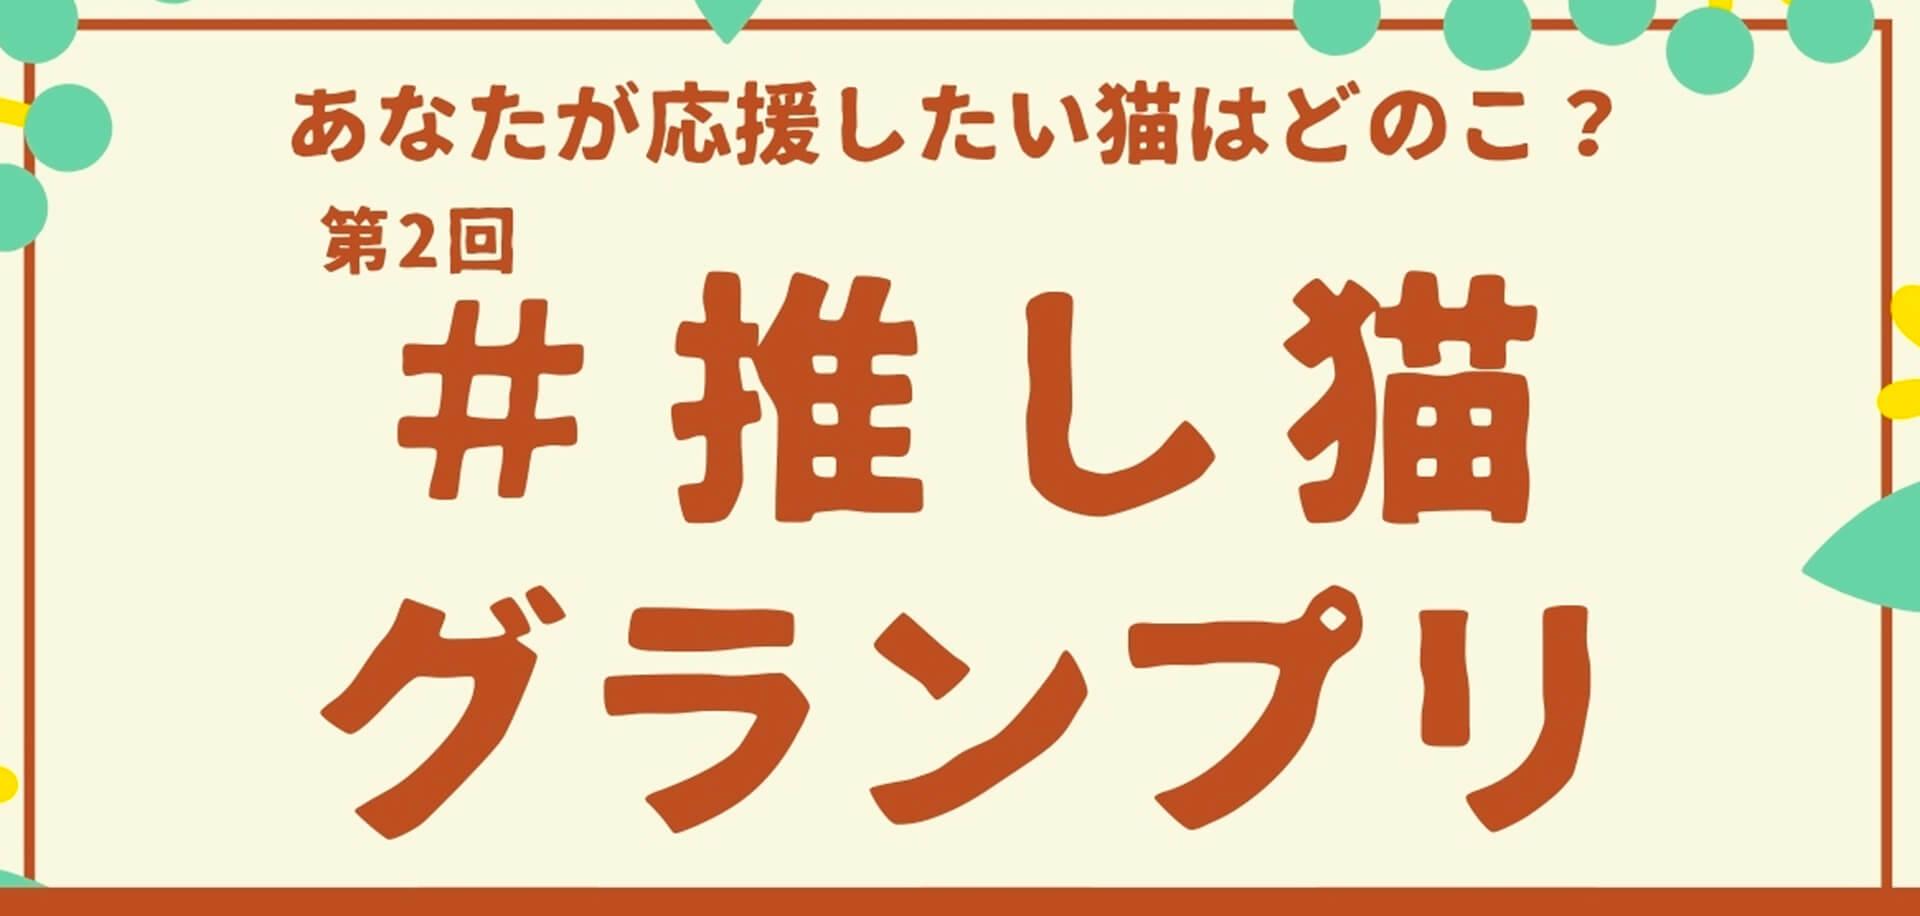 #推し猫グランプリ2021